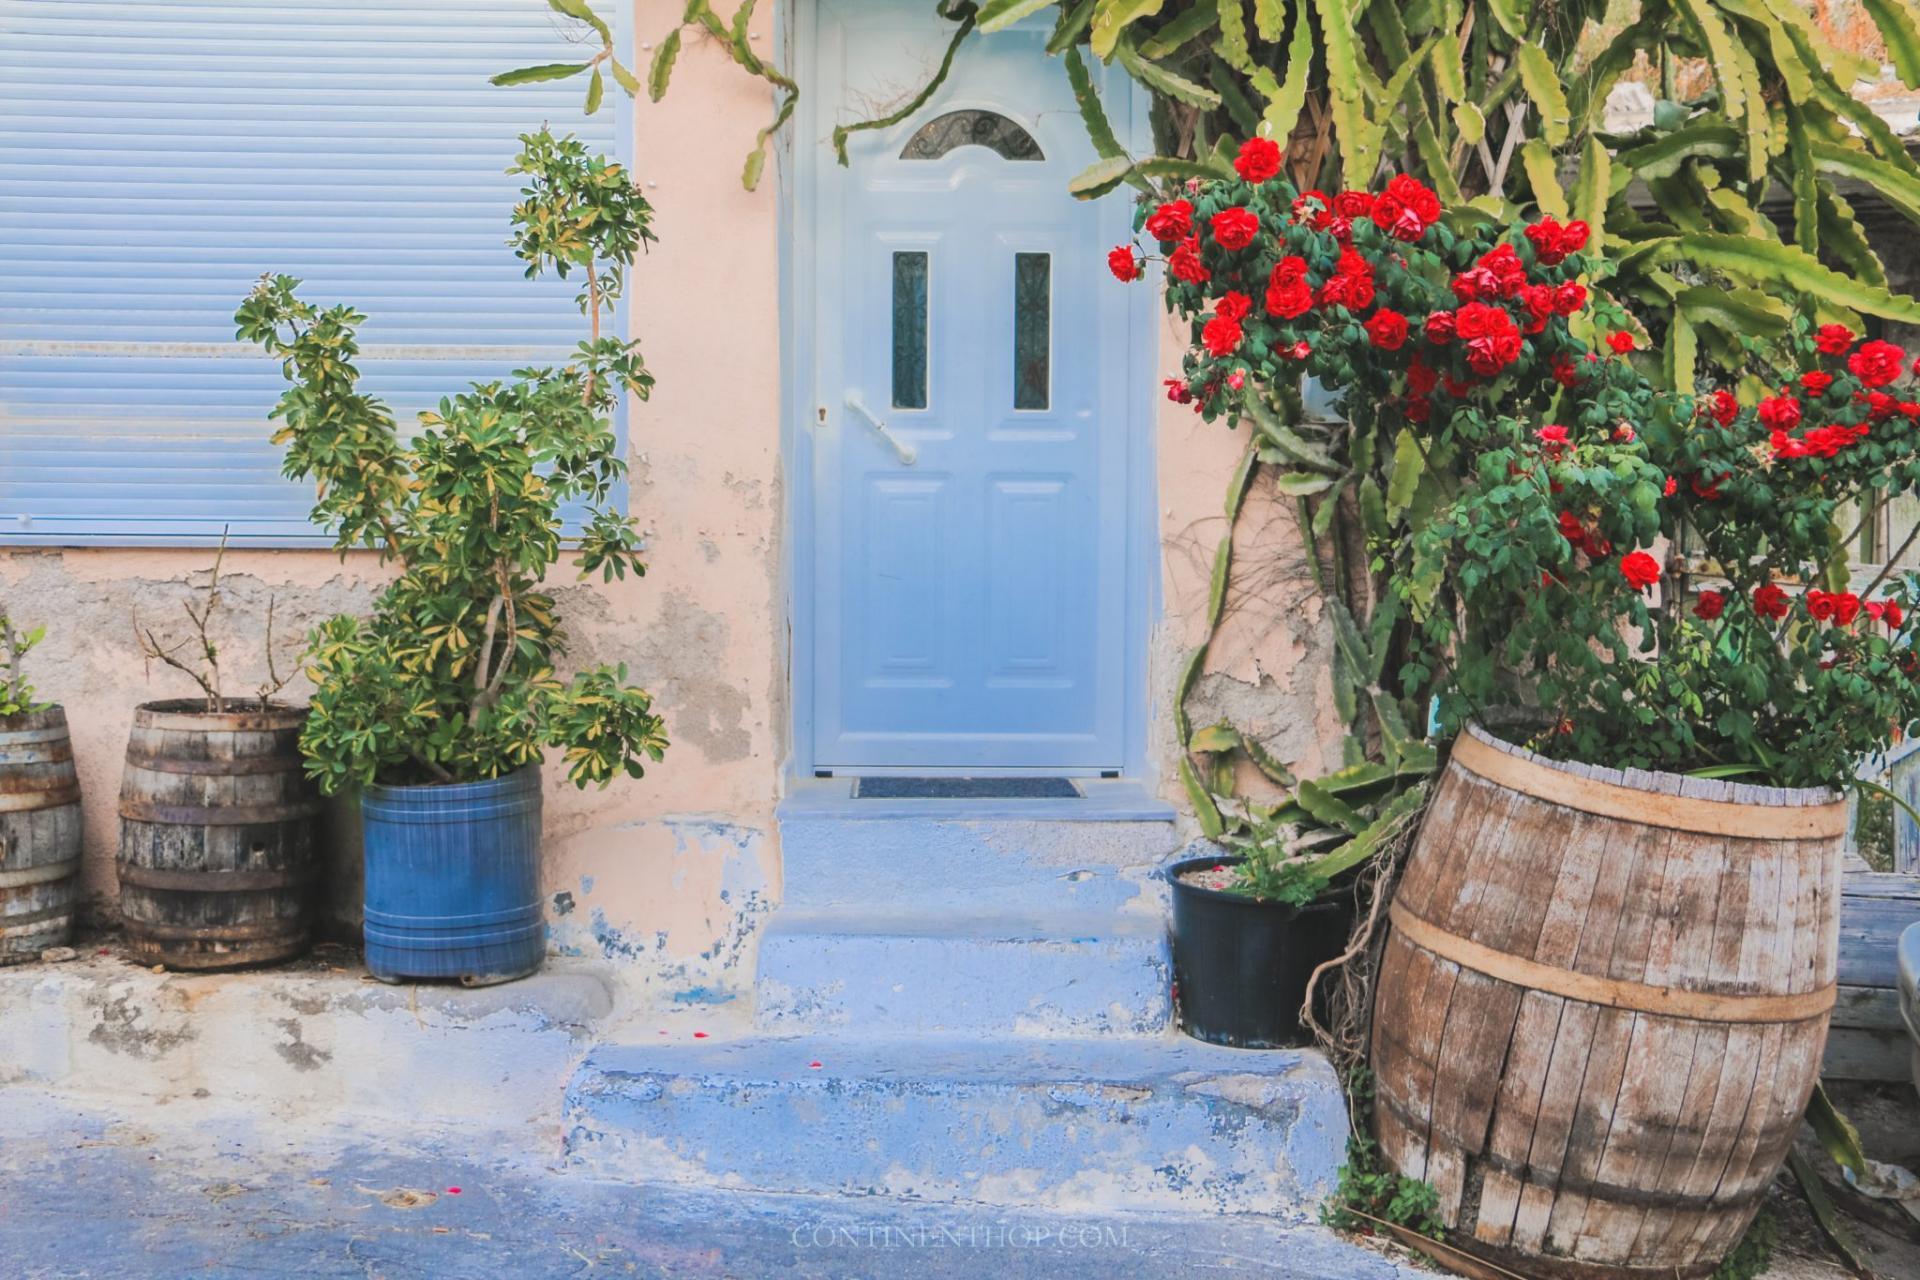 emborio santorini